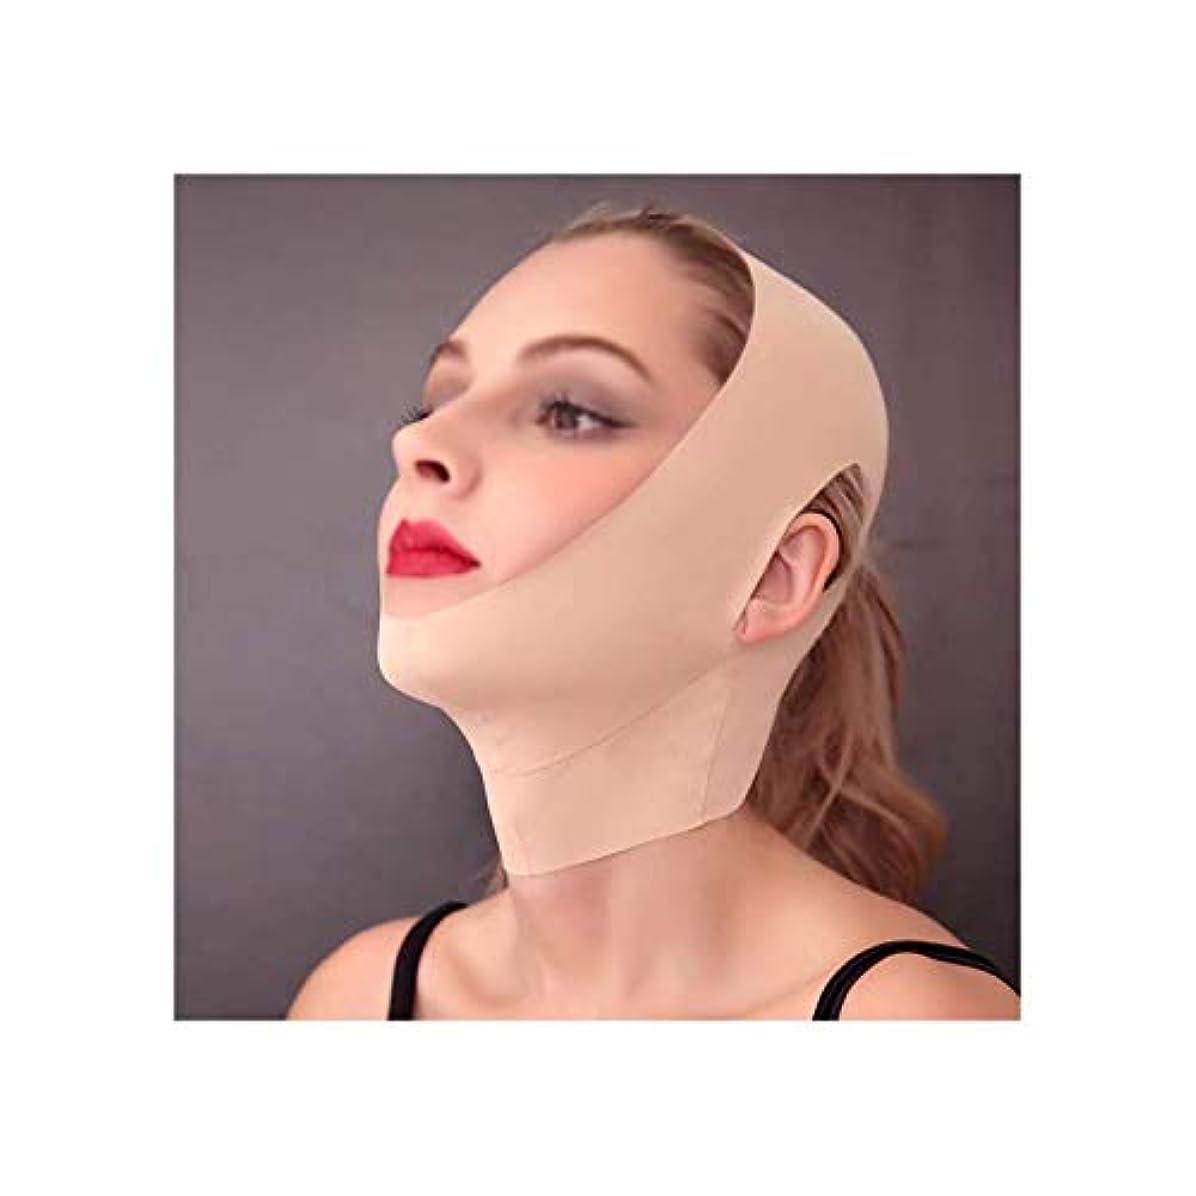 タワー証明する縮れたフェイシャルマスク、フェイスリフティングアーティファクト女性男性の睡眠顔Vフェイス包帯マスクリフティングフェイス補正引き締め顔に二重あご痩身ベルト